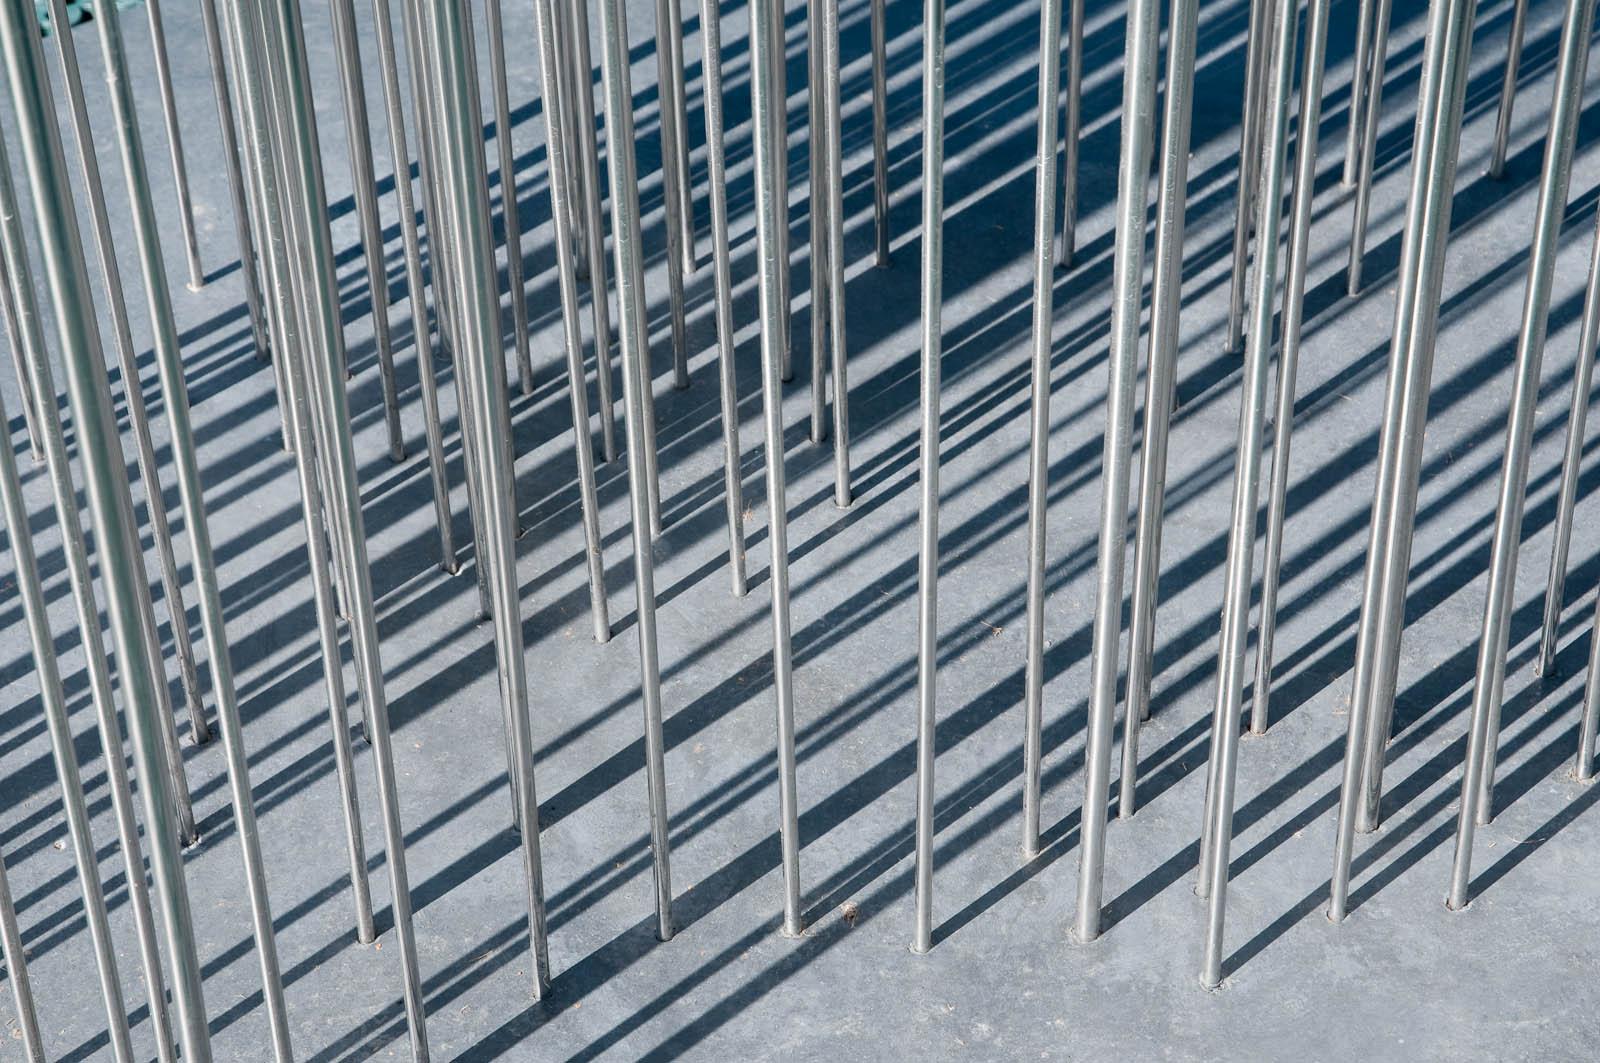 Molnets grå stänger är fästa i en grå basplatta. Detalj. Jennifer Forsberg, En liten berättelse i tre delar - Den Eken o